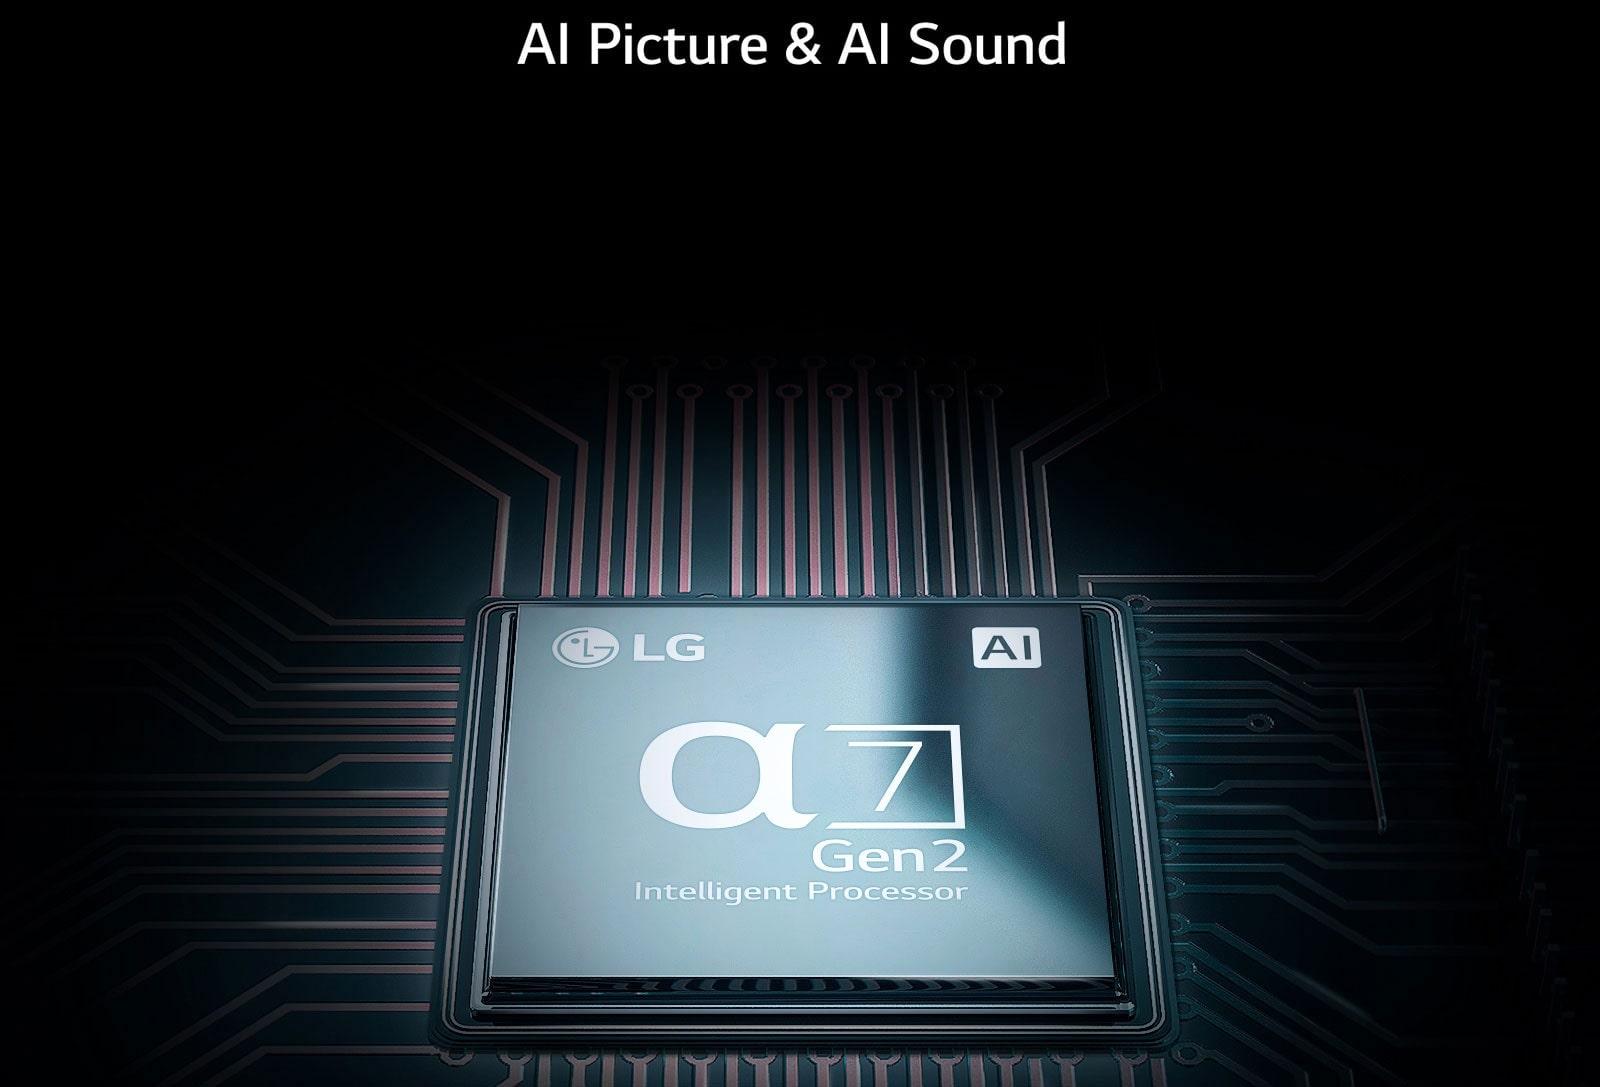 TV-OLED-B9-01-Alpha7-Gen-2-Desktop_V3